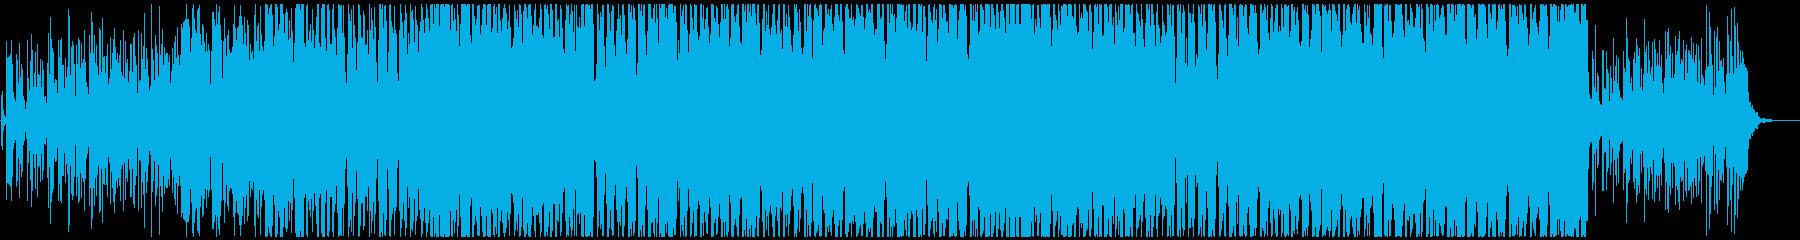 日本的で和風勇壮なかっこいい和楽器ロックの再生済みの波形